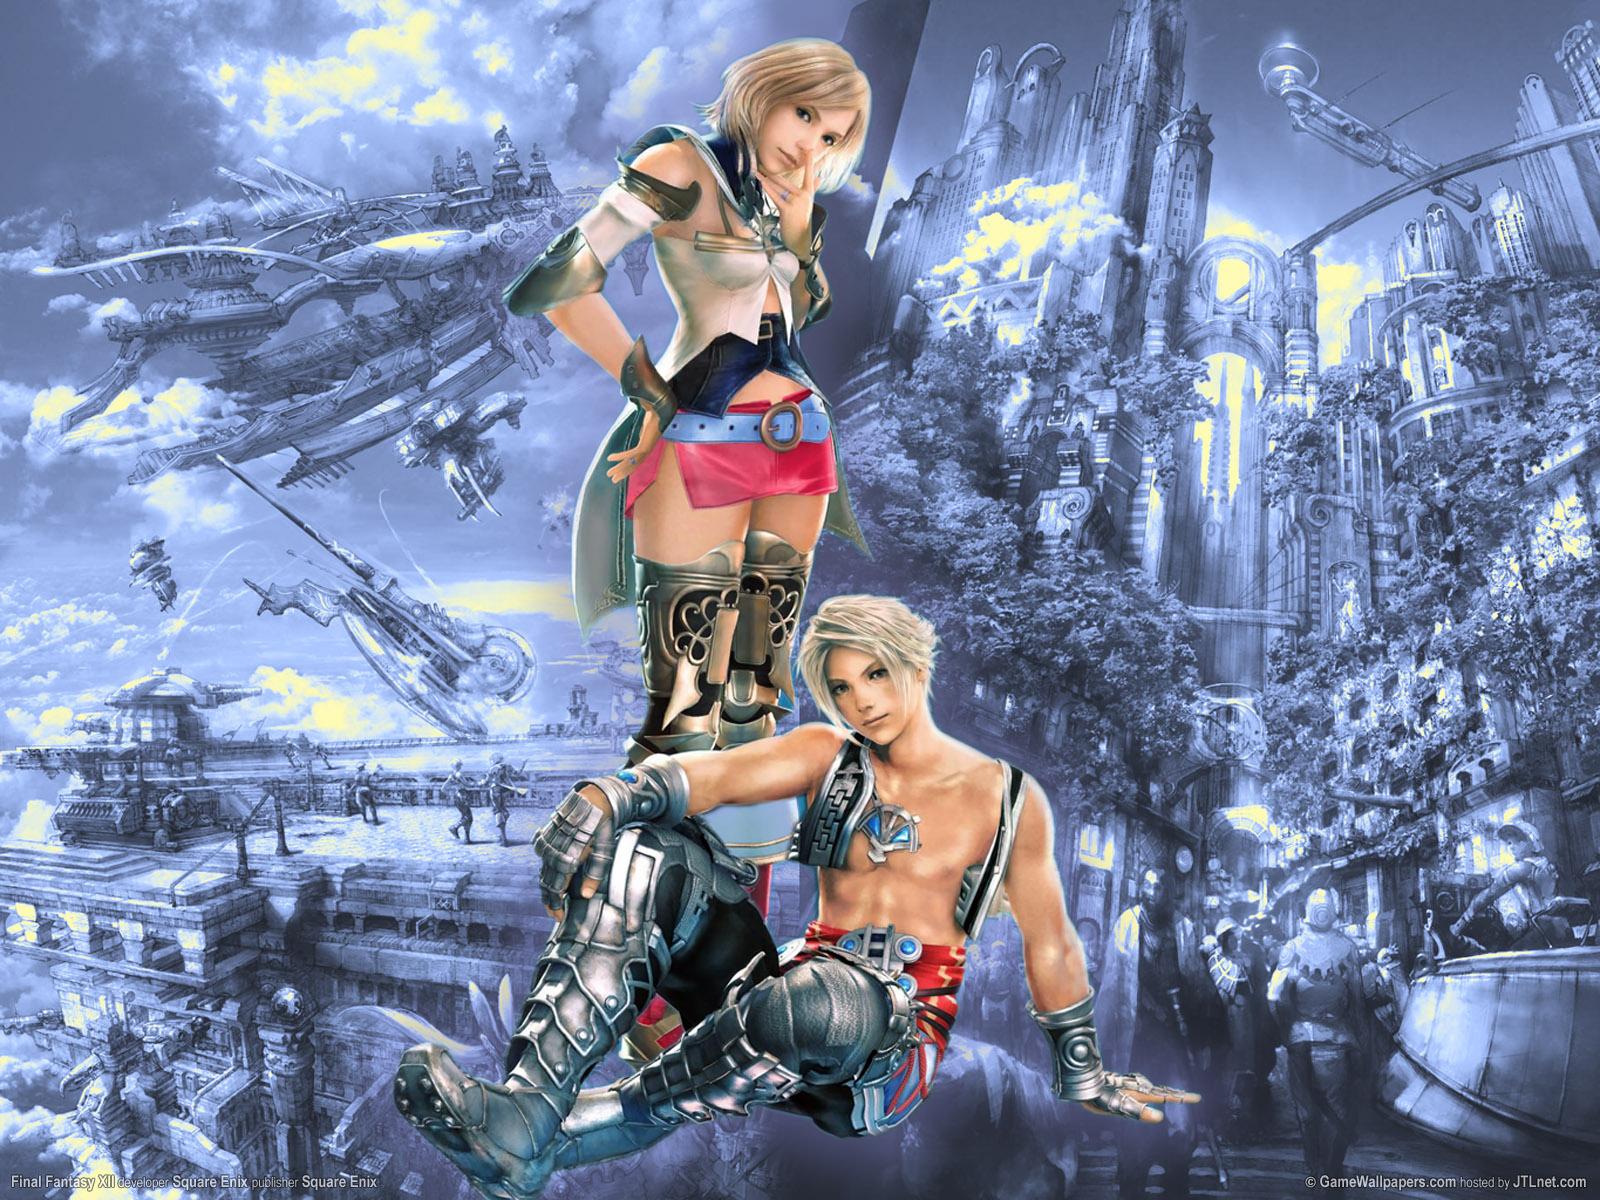 Final Fantasy Live Wallpaper - WallpaperSafari